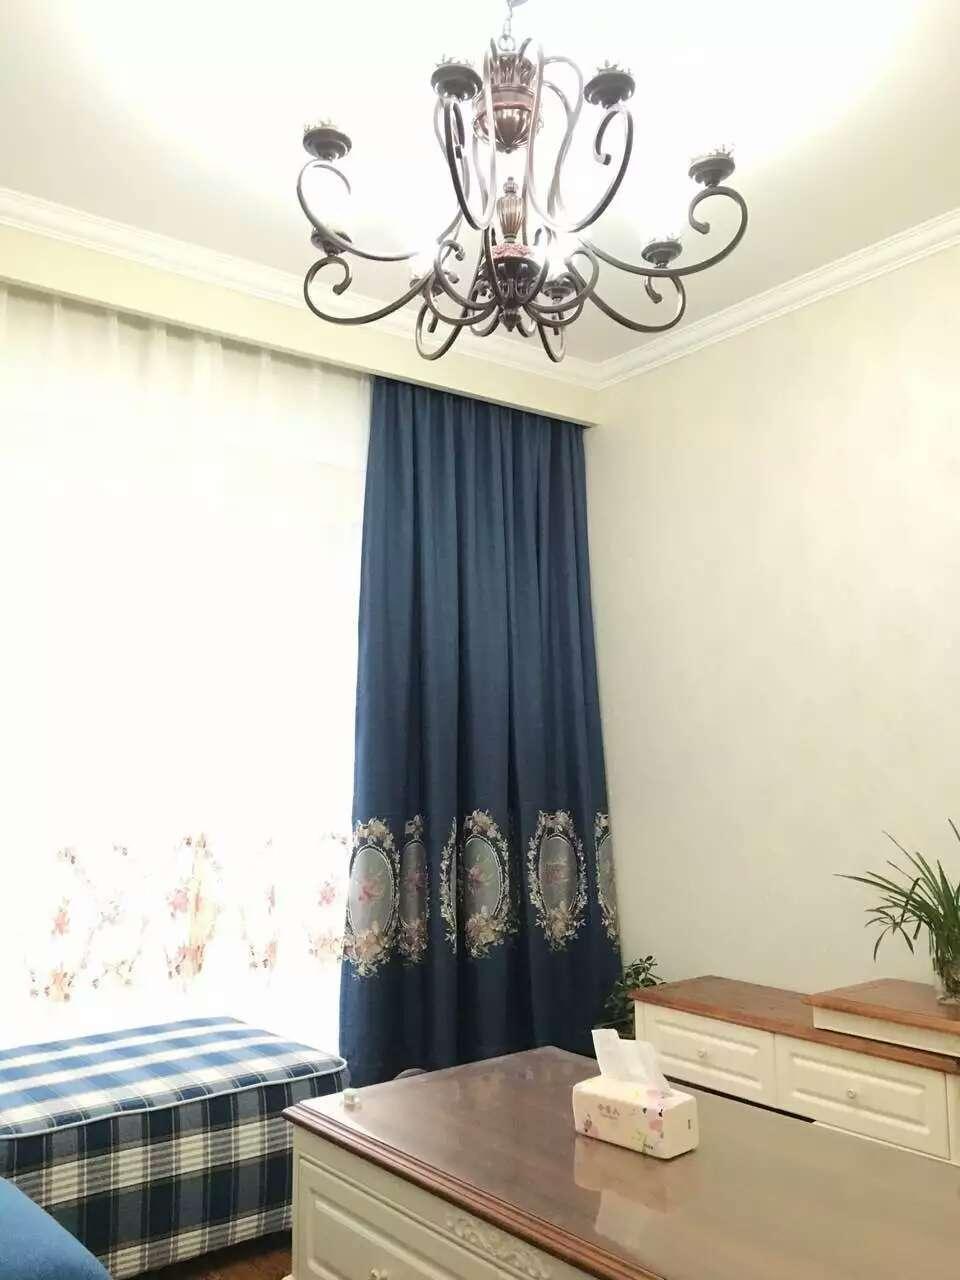 大家都知道,窗帘使用久了就变得暗淡并且不干净了,挂在家里就成了一道碍眼的景致,马上要过年了,想要打破这一问题重新让家里多一道靓丽的风景,就要学会窗帘的布置问题,那么新年窗帘布置注意事项有哪些呢?下面为大家介绍6个细节问题。   新年窗帘布置注意事项介绍:  一、提前了解布料功能性   在选择窗帘布料方面要注意到防噪音功能,如果户外比较热闹的话,窗帘的防噪音功能就显得很重要了,一般来说,越厚的窗帘吸音效果会越好,因此可以选择植绒、棉、麻等布料。   夏季要考虑到窗帘的遮光效果,在卧室里如果想要有个好的睡眠